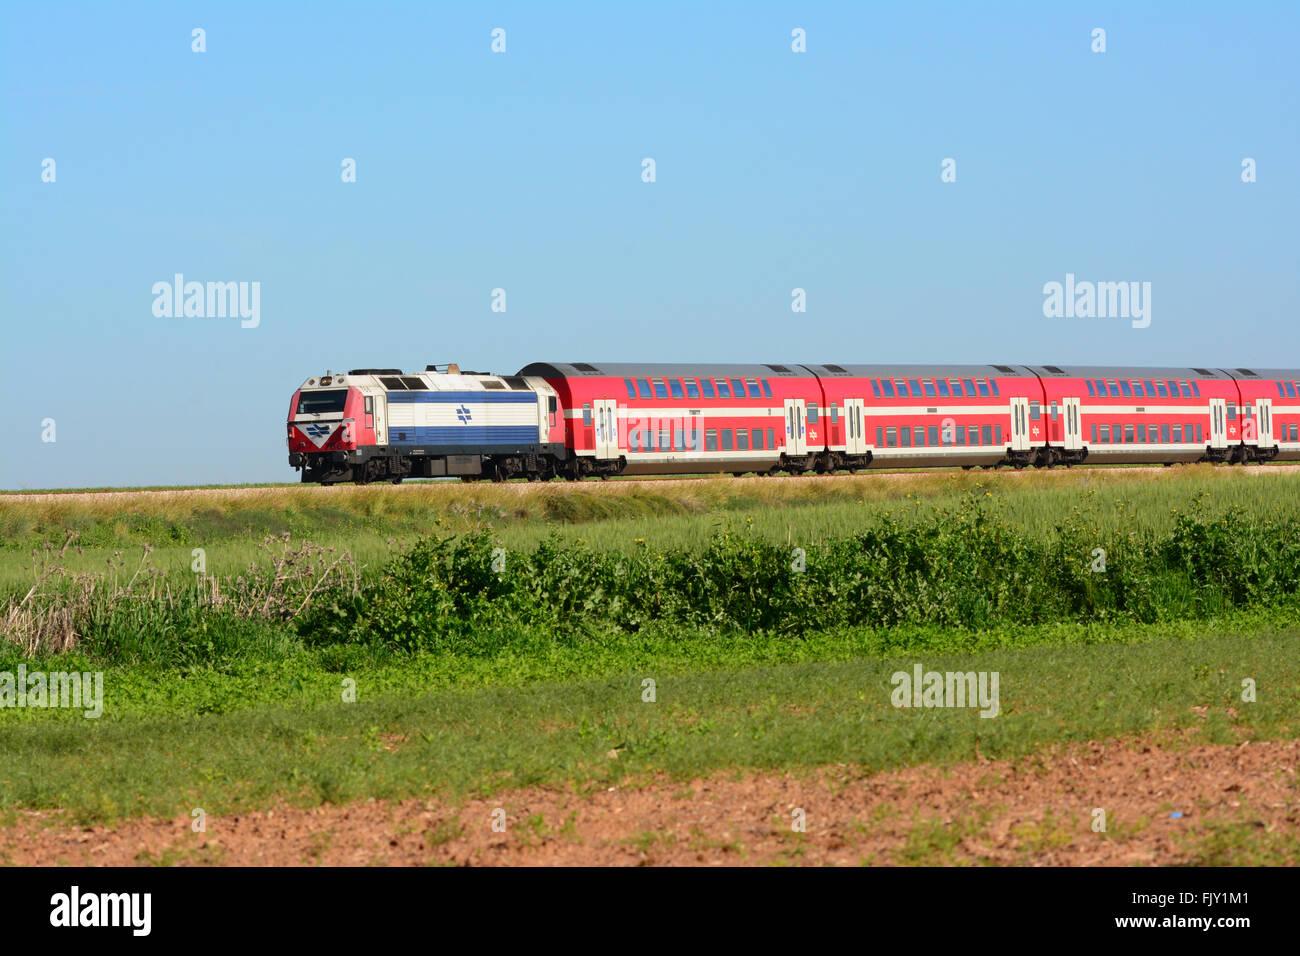 Israel train on tracks - Stock Image